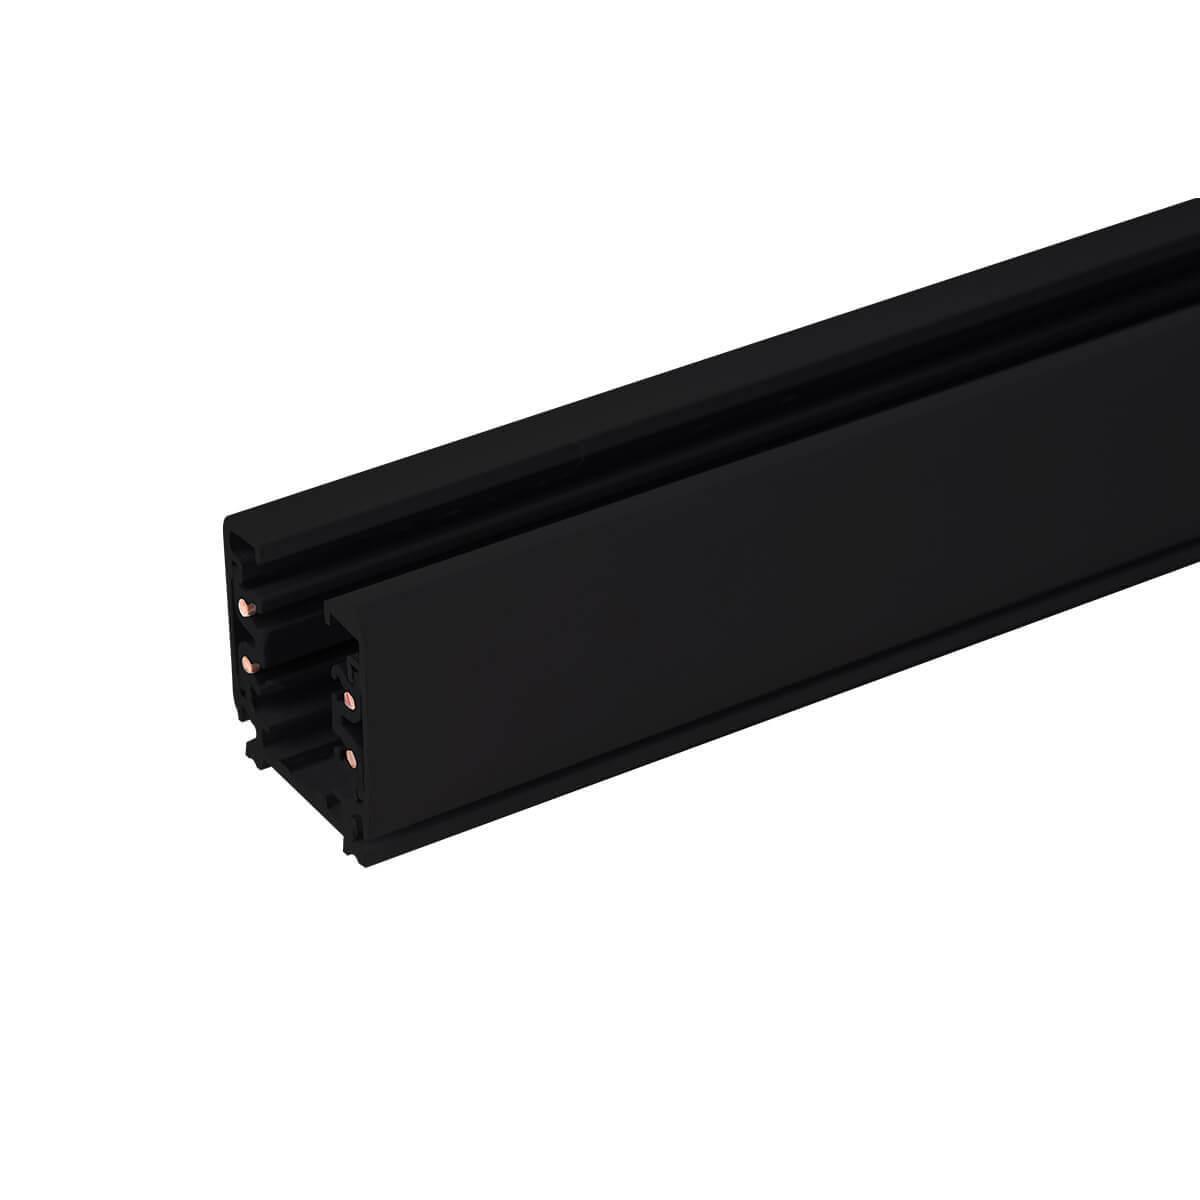 Шинопровод Elektrostandard 4690389112614 TRL-1-3 шинопровод elektrostandard 4690389134302 trl 1 1